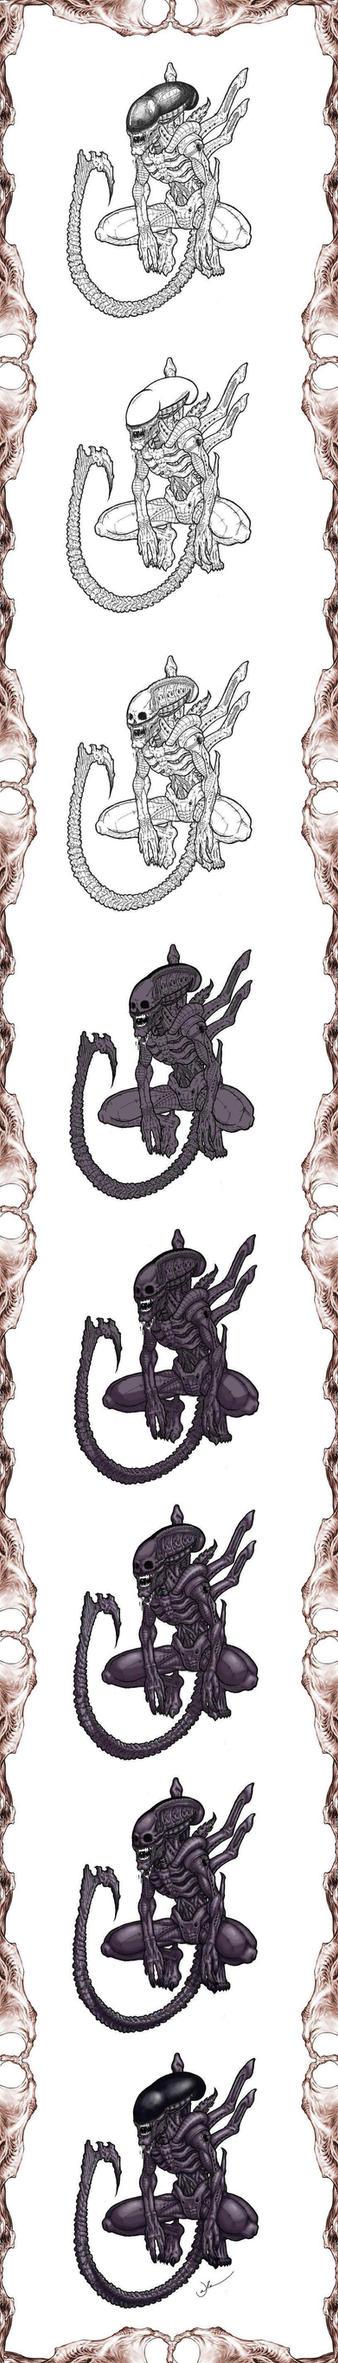 alien wip by Infernauta